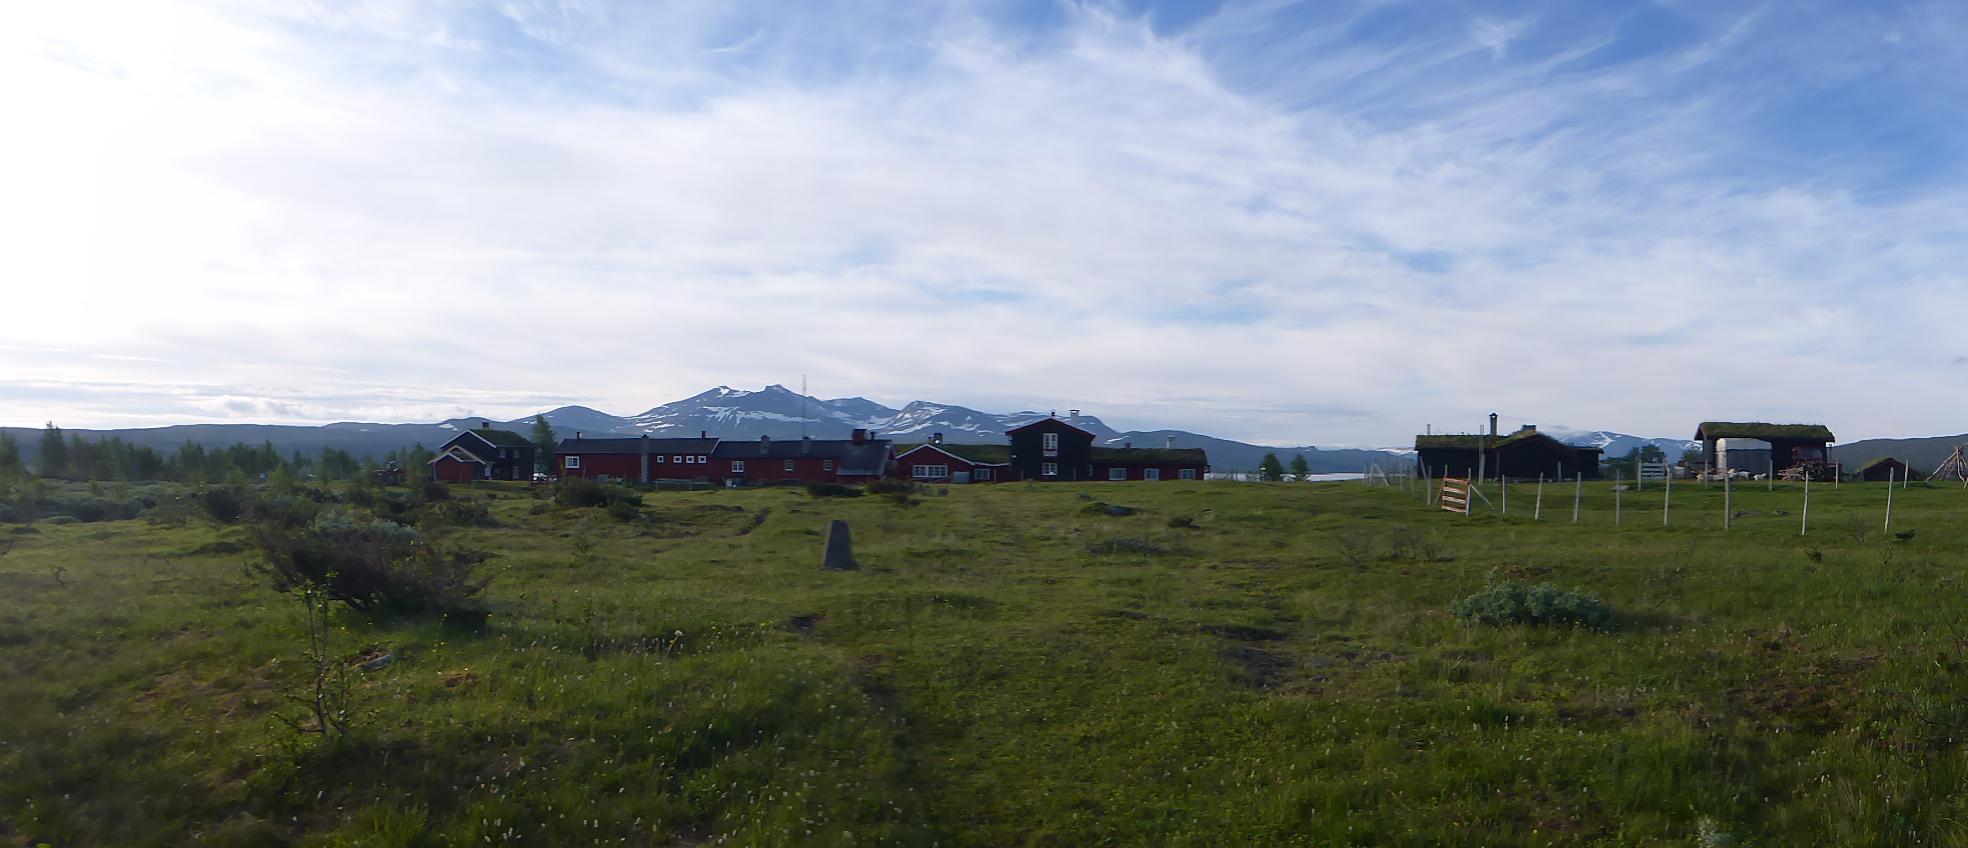 Storerikvollen i Sylan. Foto: Fjelldriv